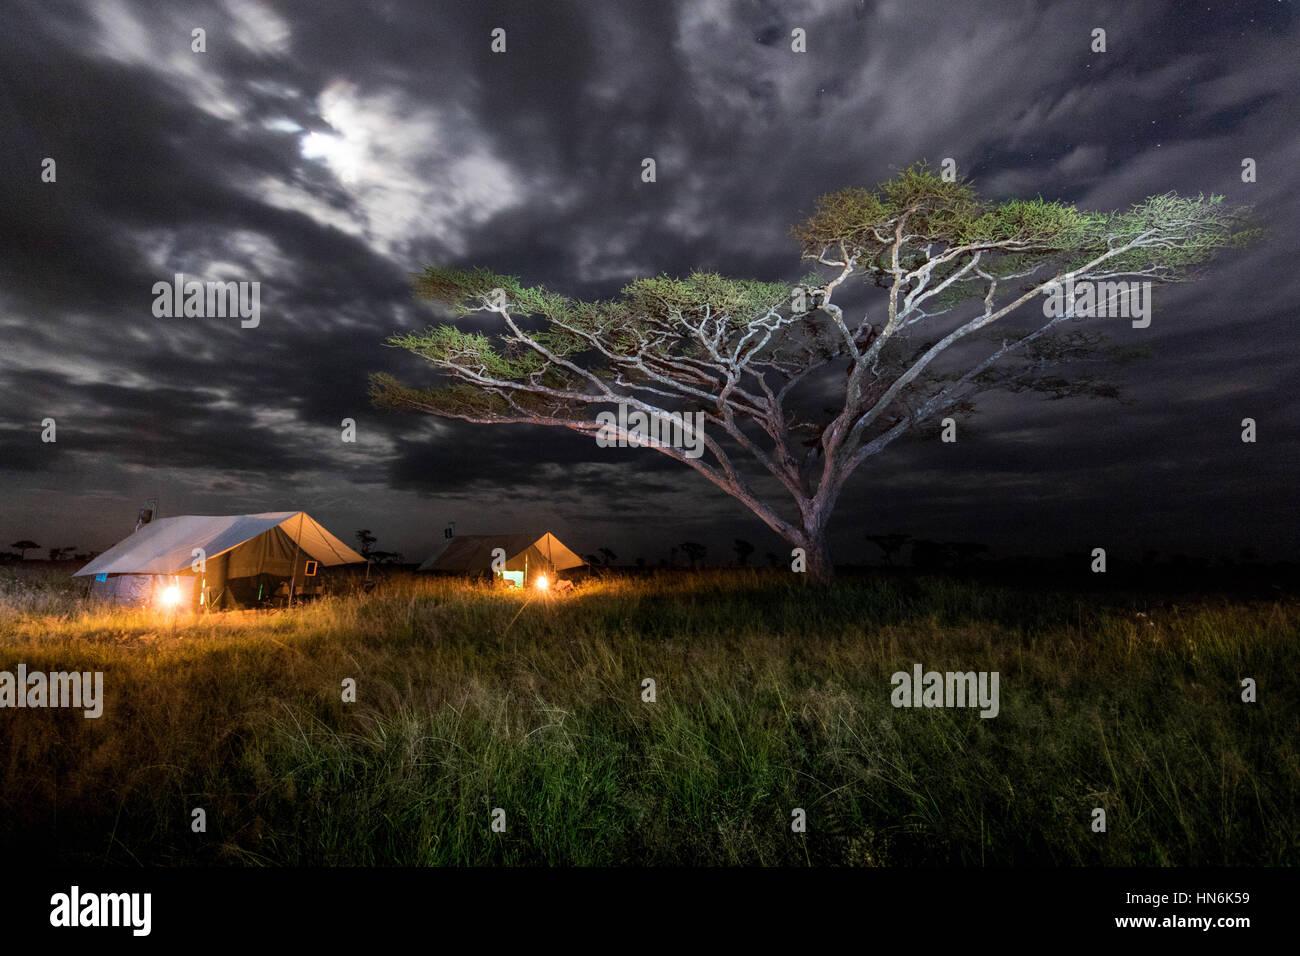 Photo de paysage paysage de nuit en camping dans le Serengeti National Park, Tanzania, Africa Photo Stock